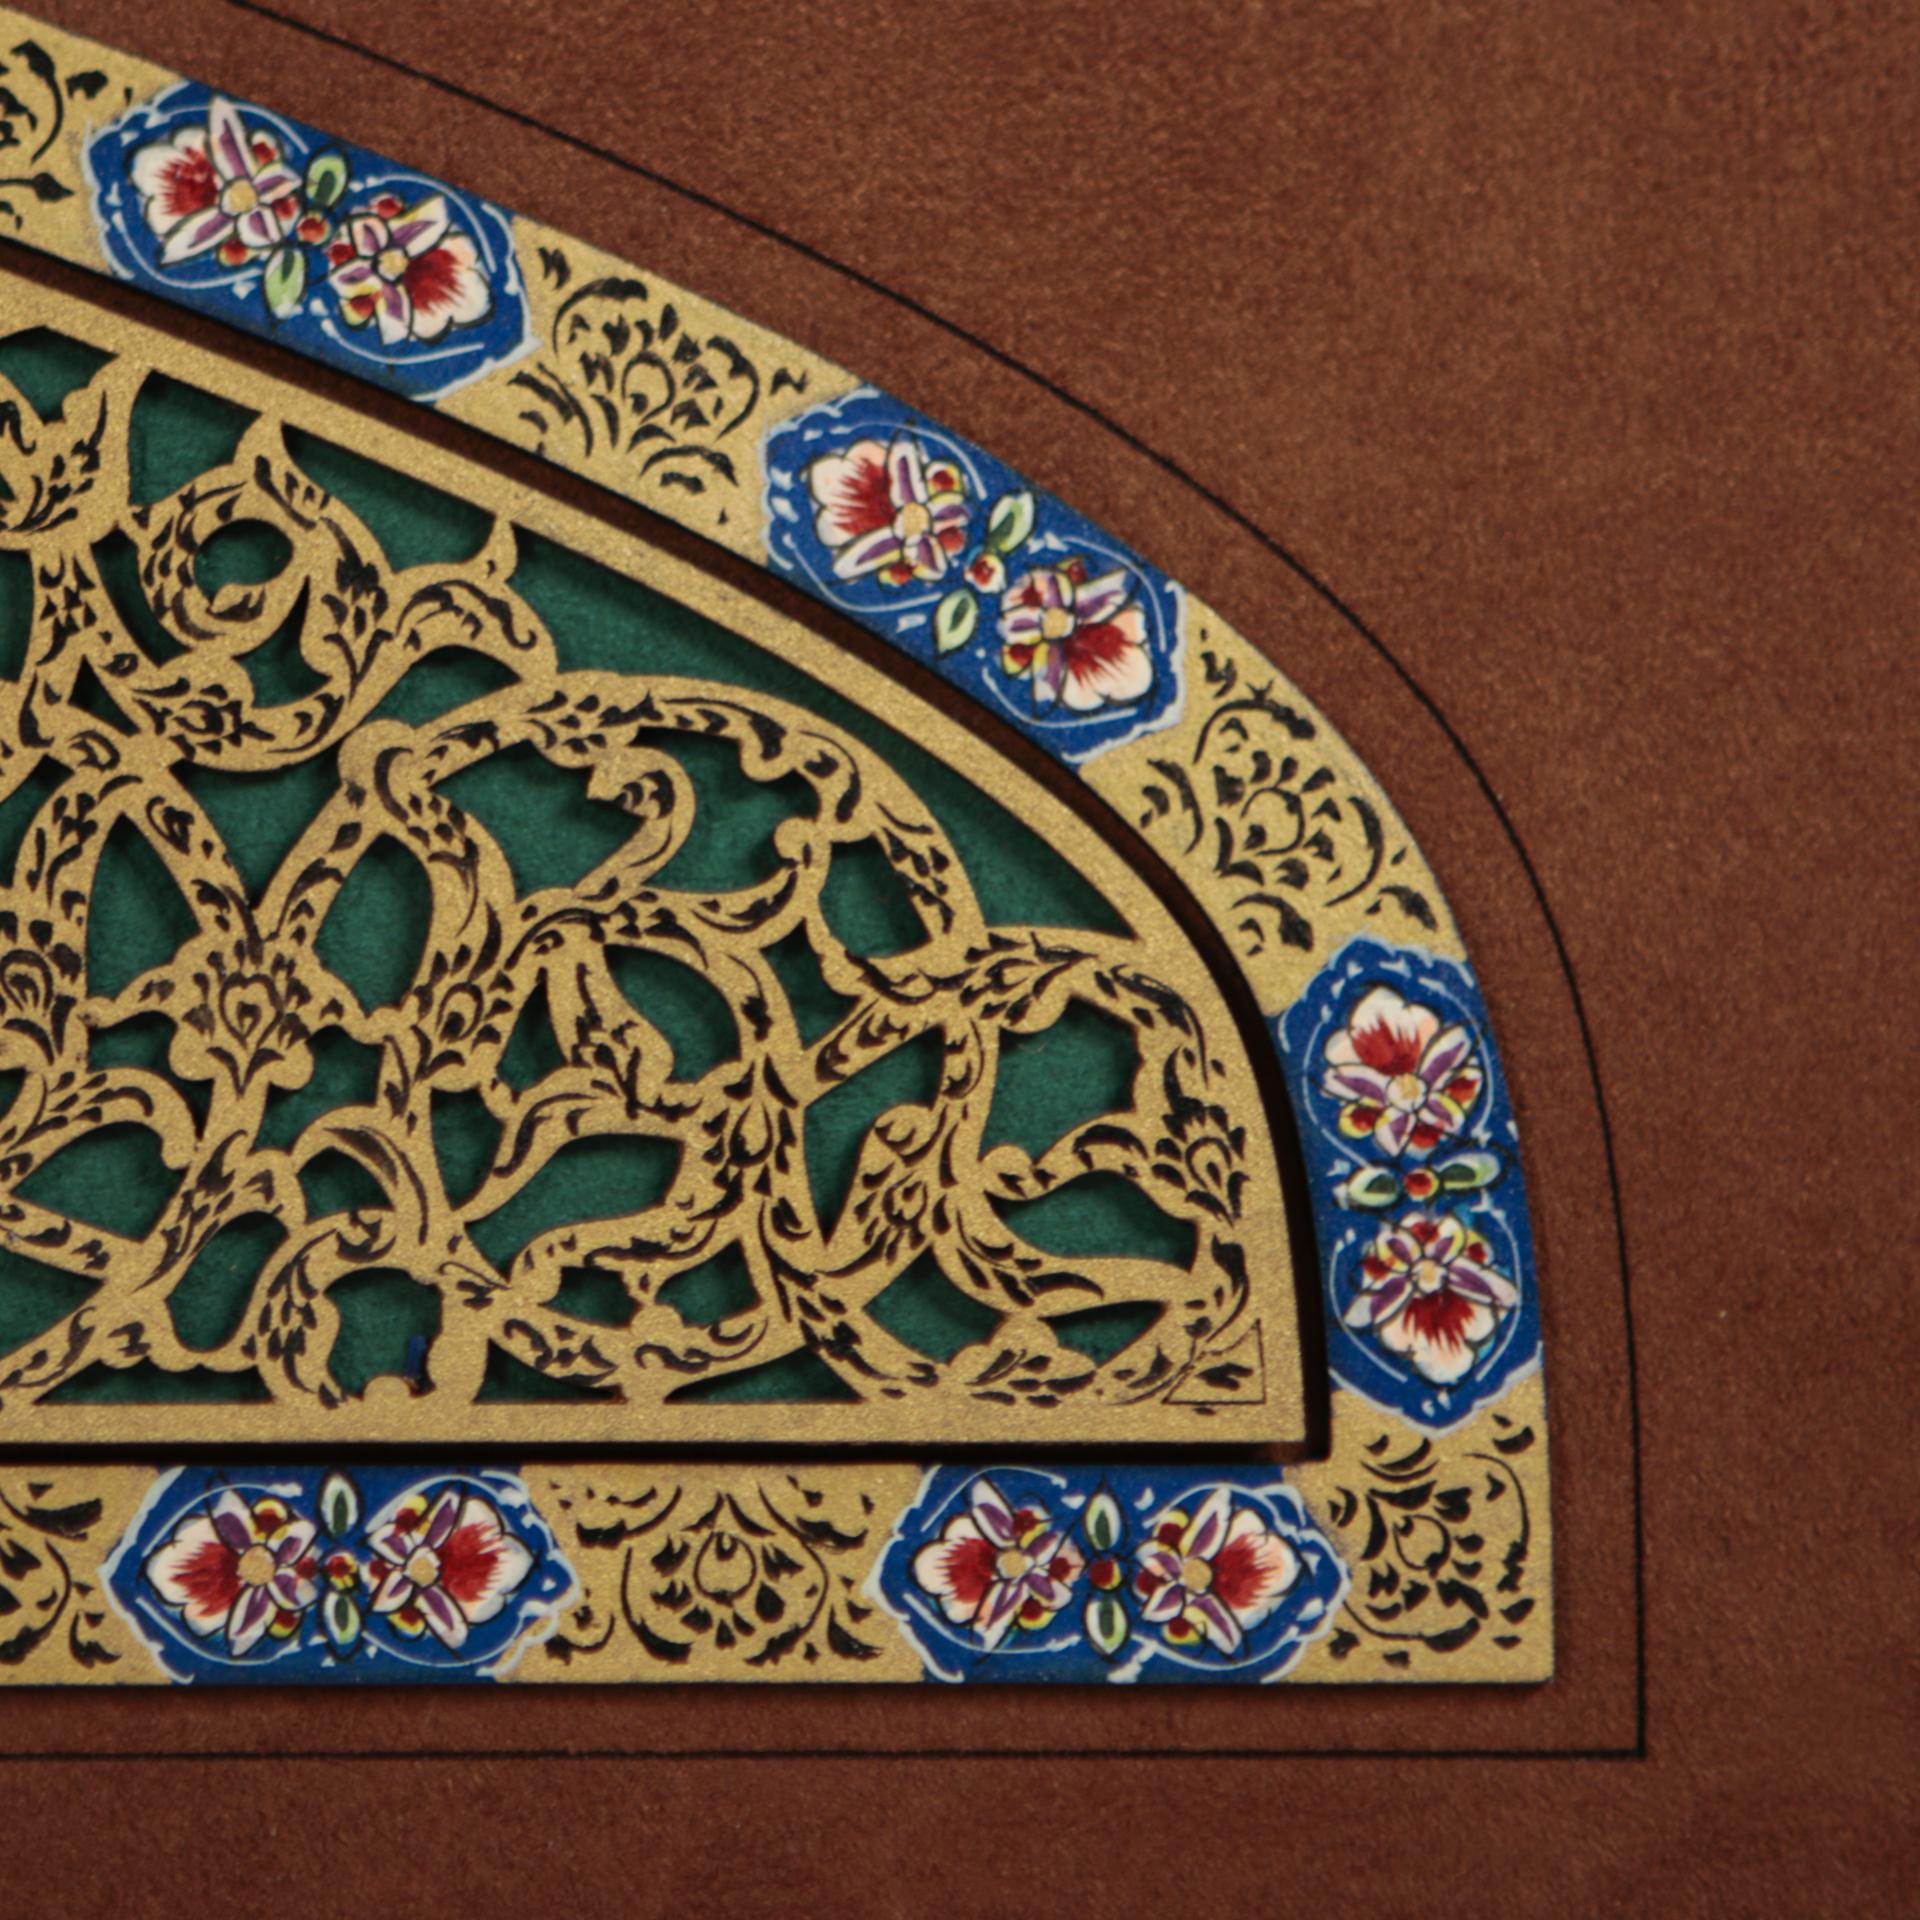 تصویر از قاب اجابت 1 (علی بن موسی الرضا)